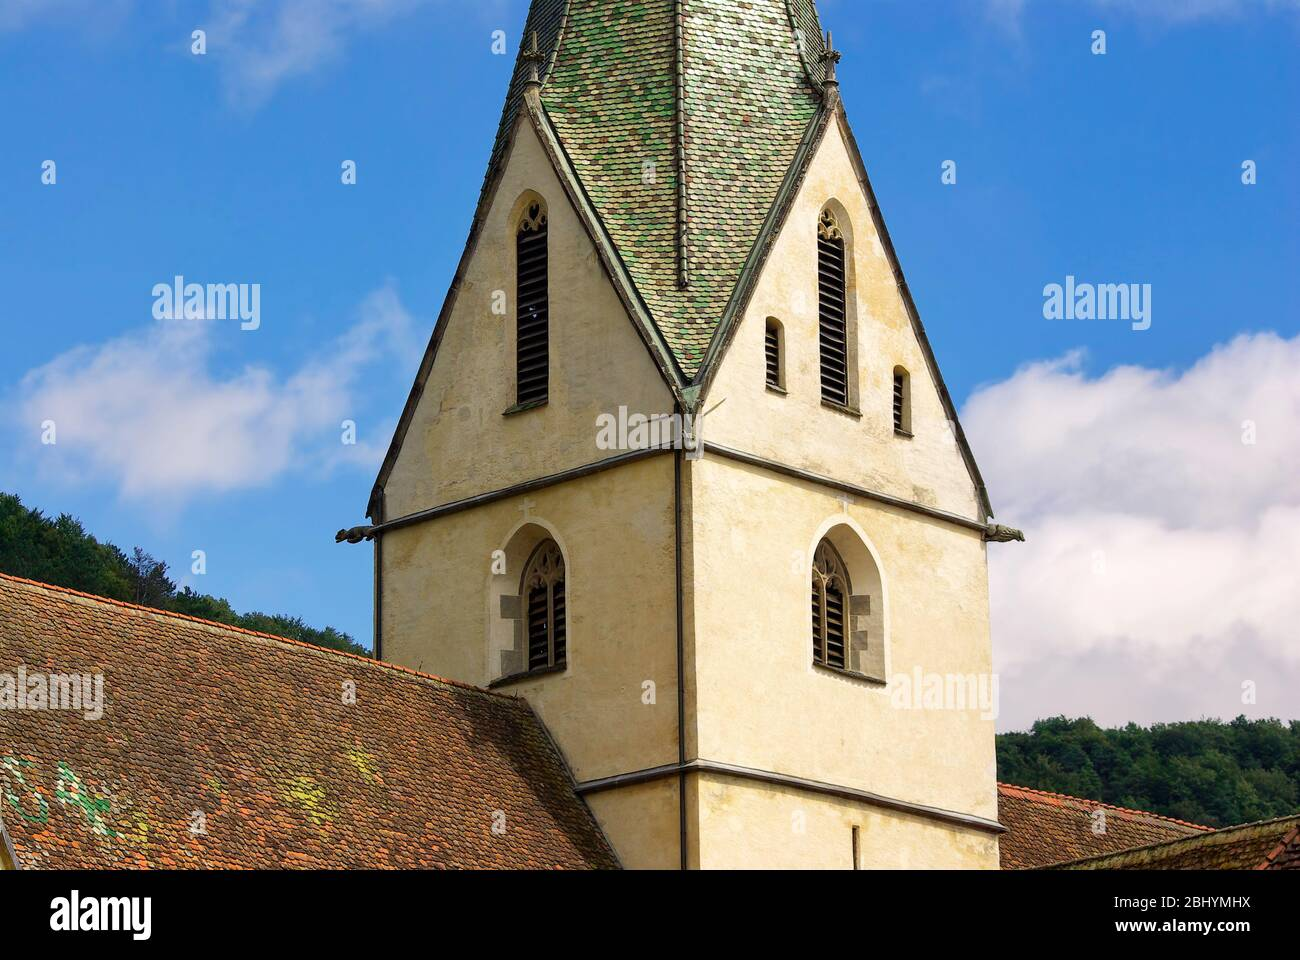 Détail du toit et du clocher de l'église monastère de l'abbaye de Blaubeuren près d'Ulm, Bade-Wurtemberg, Allemagne. Banque D'Images